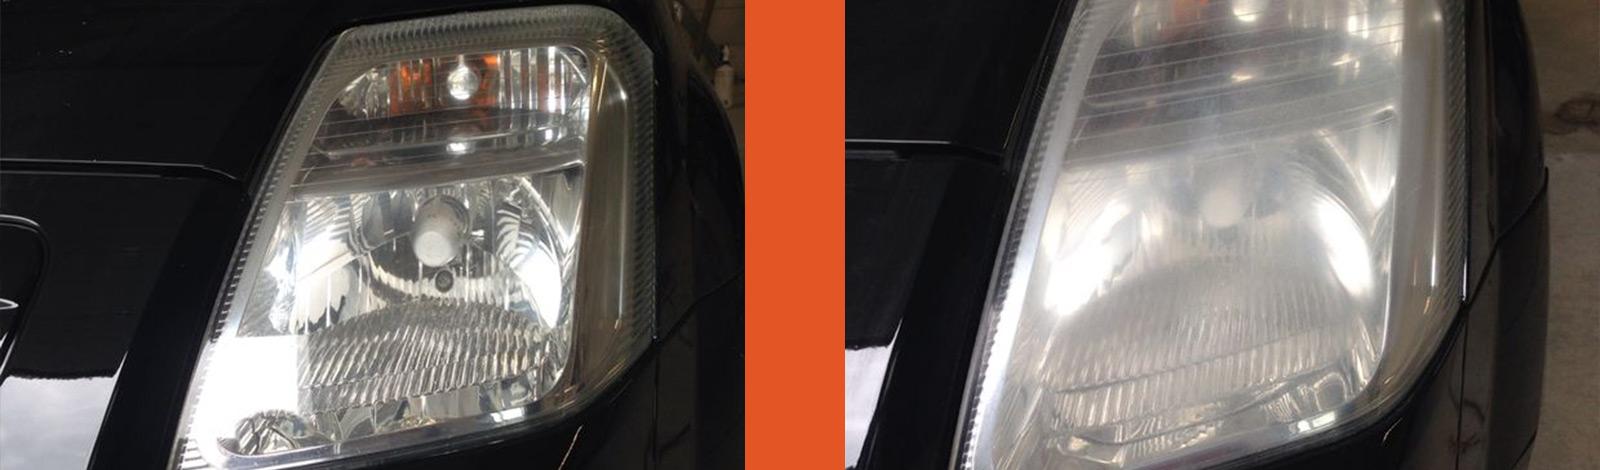 koplamp-renovatie-bij-car-care-venray_1